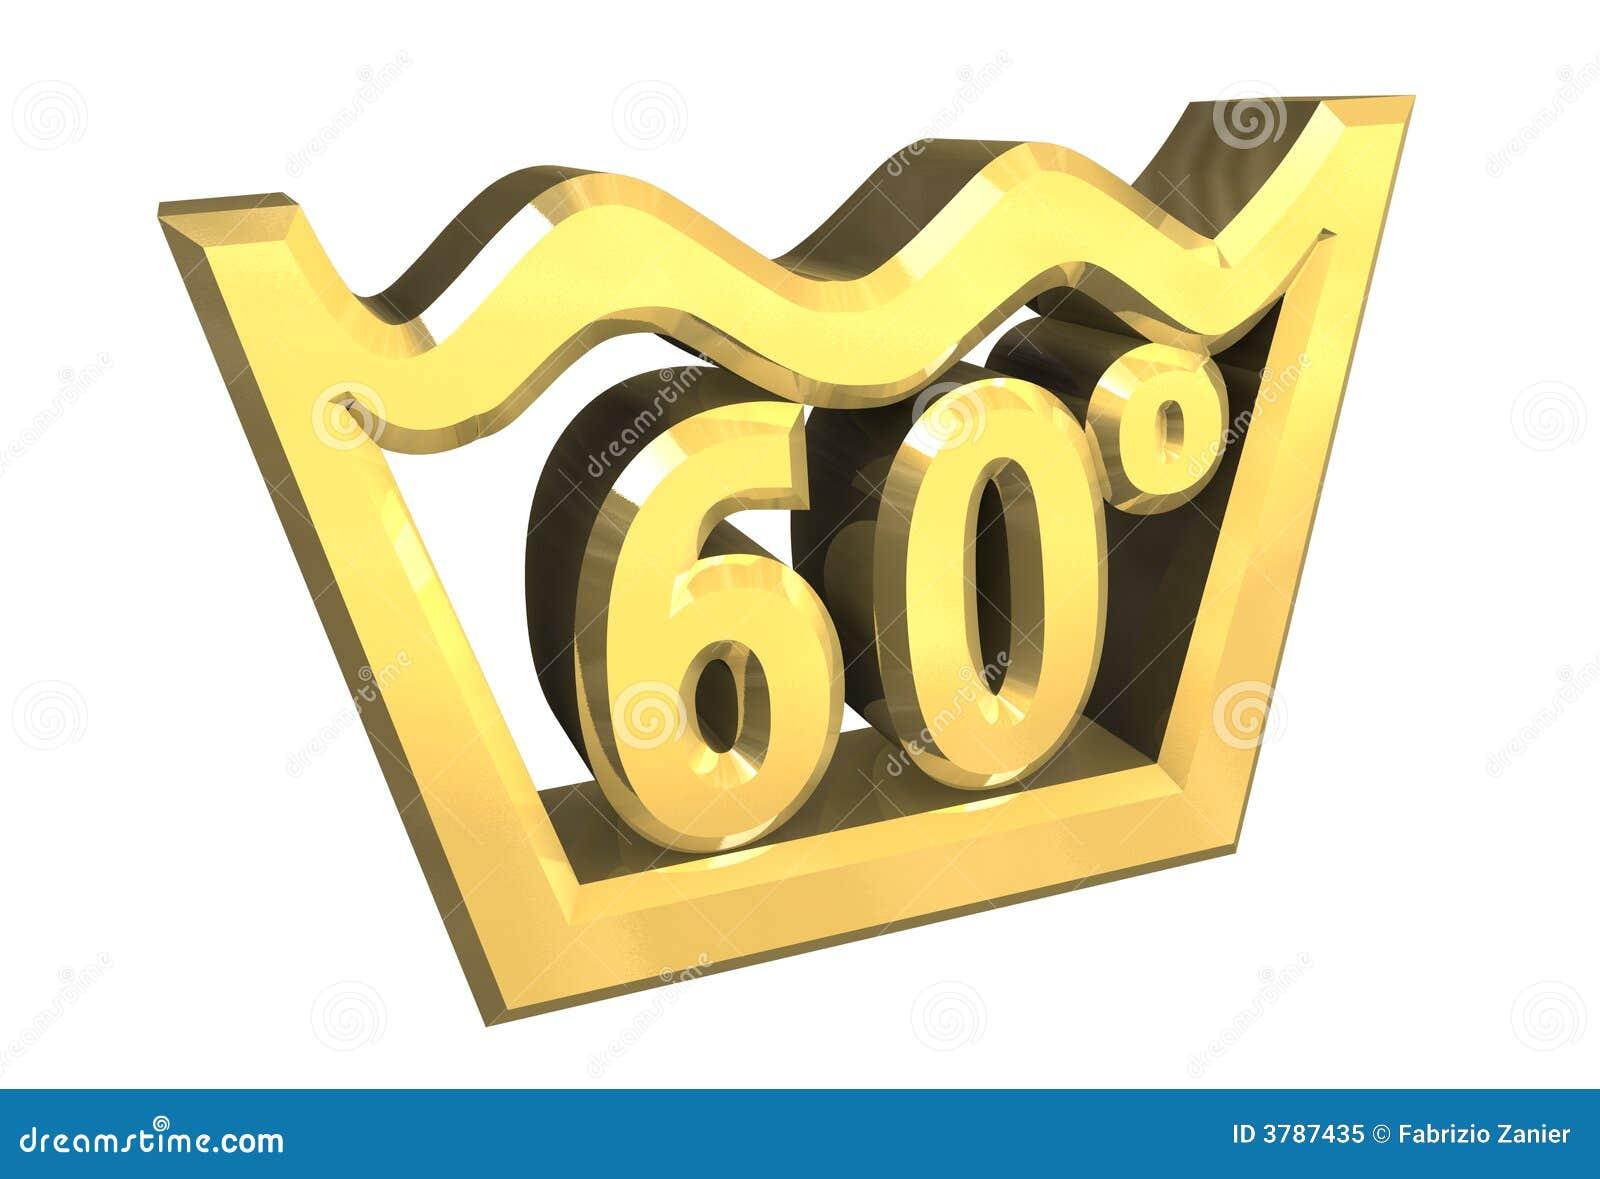 ein waschendes 60 grad symbol im gold trennte 3d stock abbildung illustration von eingabe. Black Bedroom Furniture Sets. Home Design Ideas